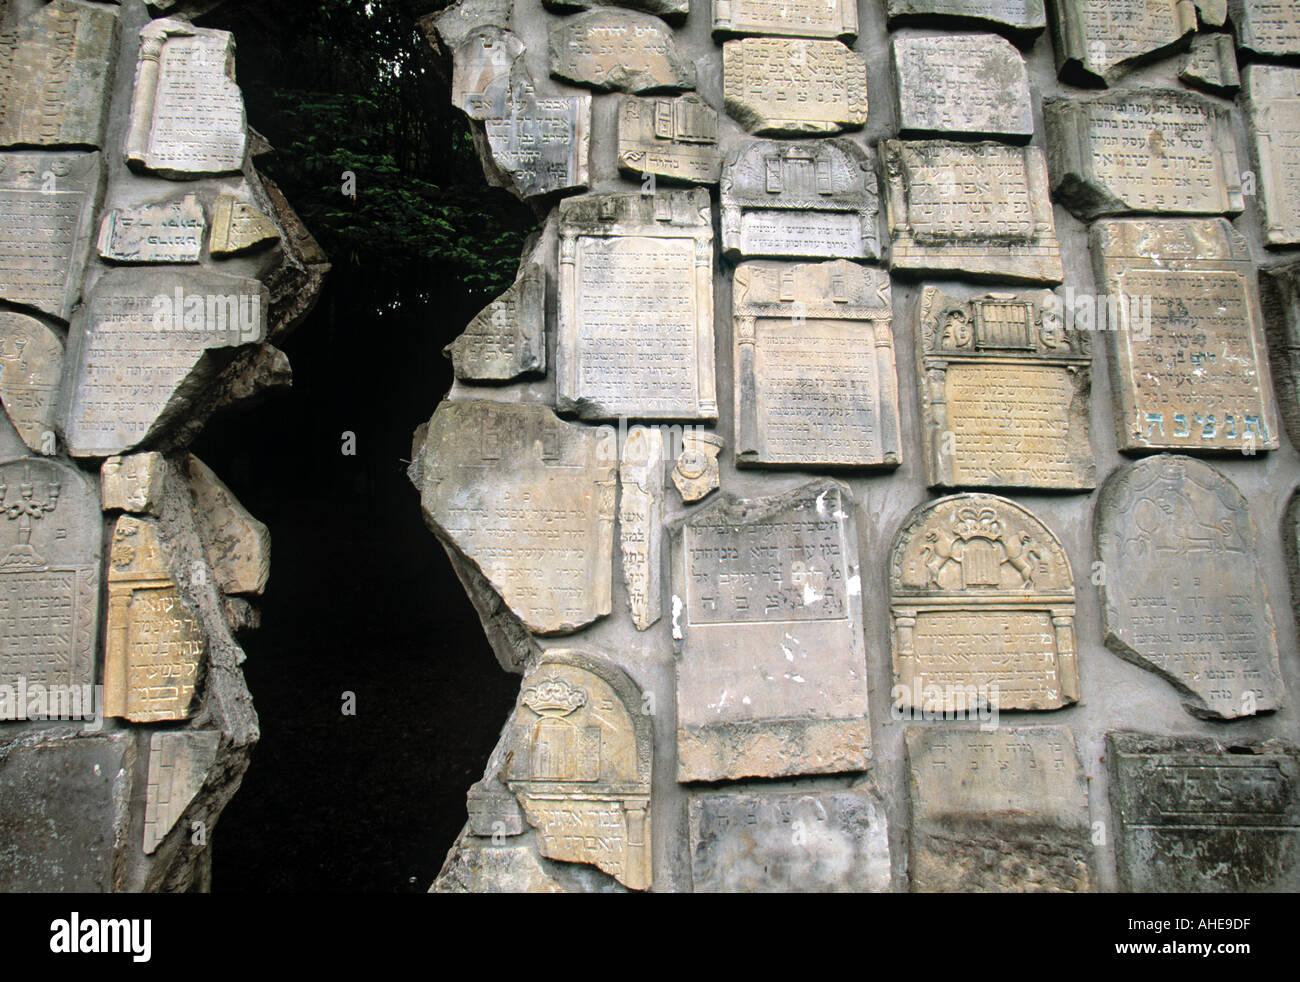 Jewish monument, Kazimierz Dolny, Malopolska, Poland - Stock Image